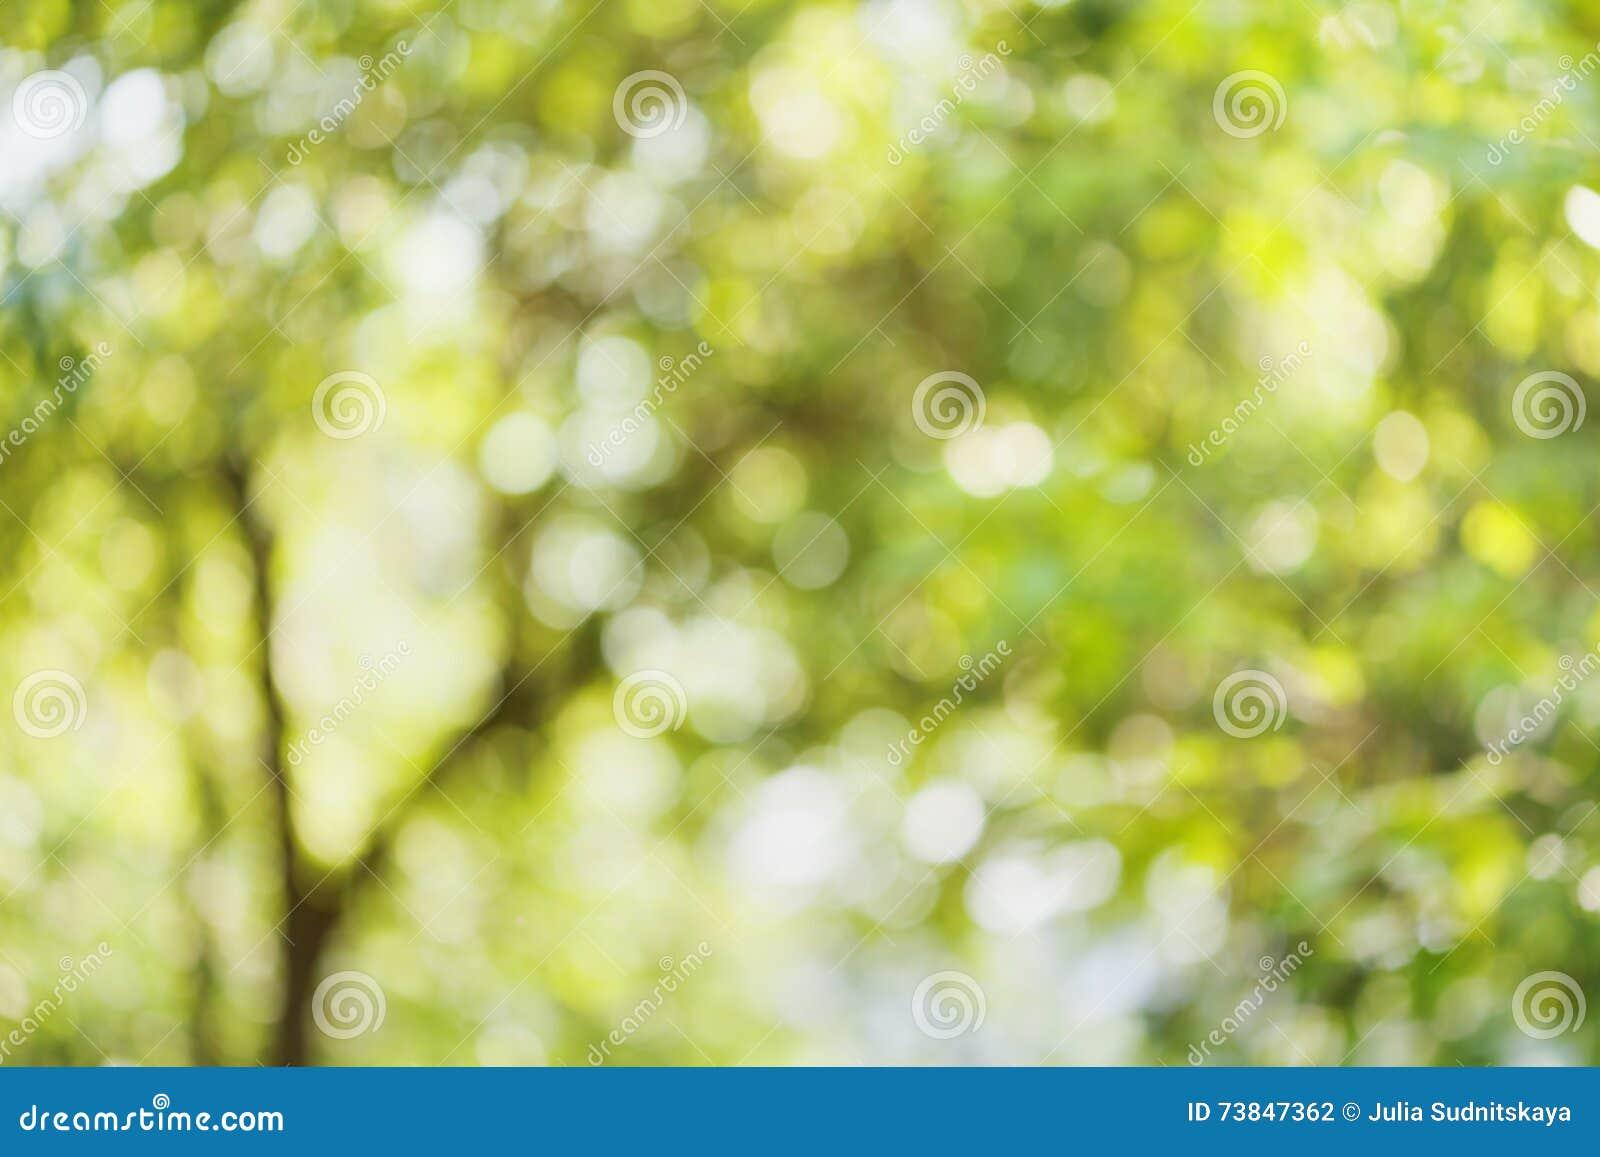 Beau fond de bokeh d arbre defocused Contexte brouillé naturel des feuilles vertes Été ou printemps